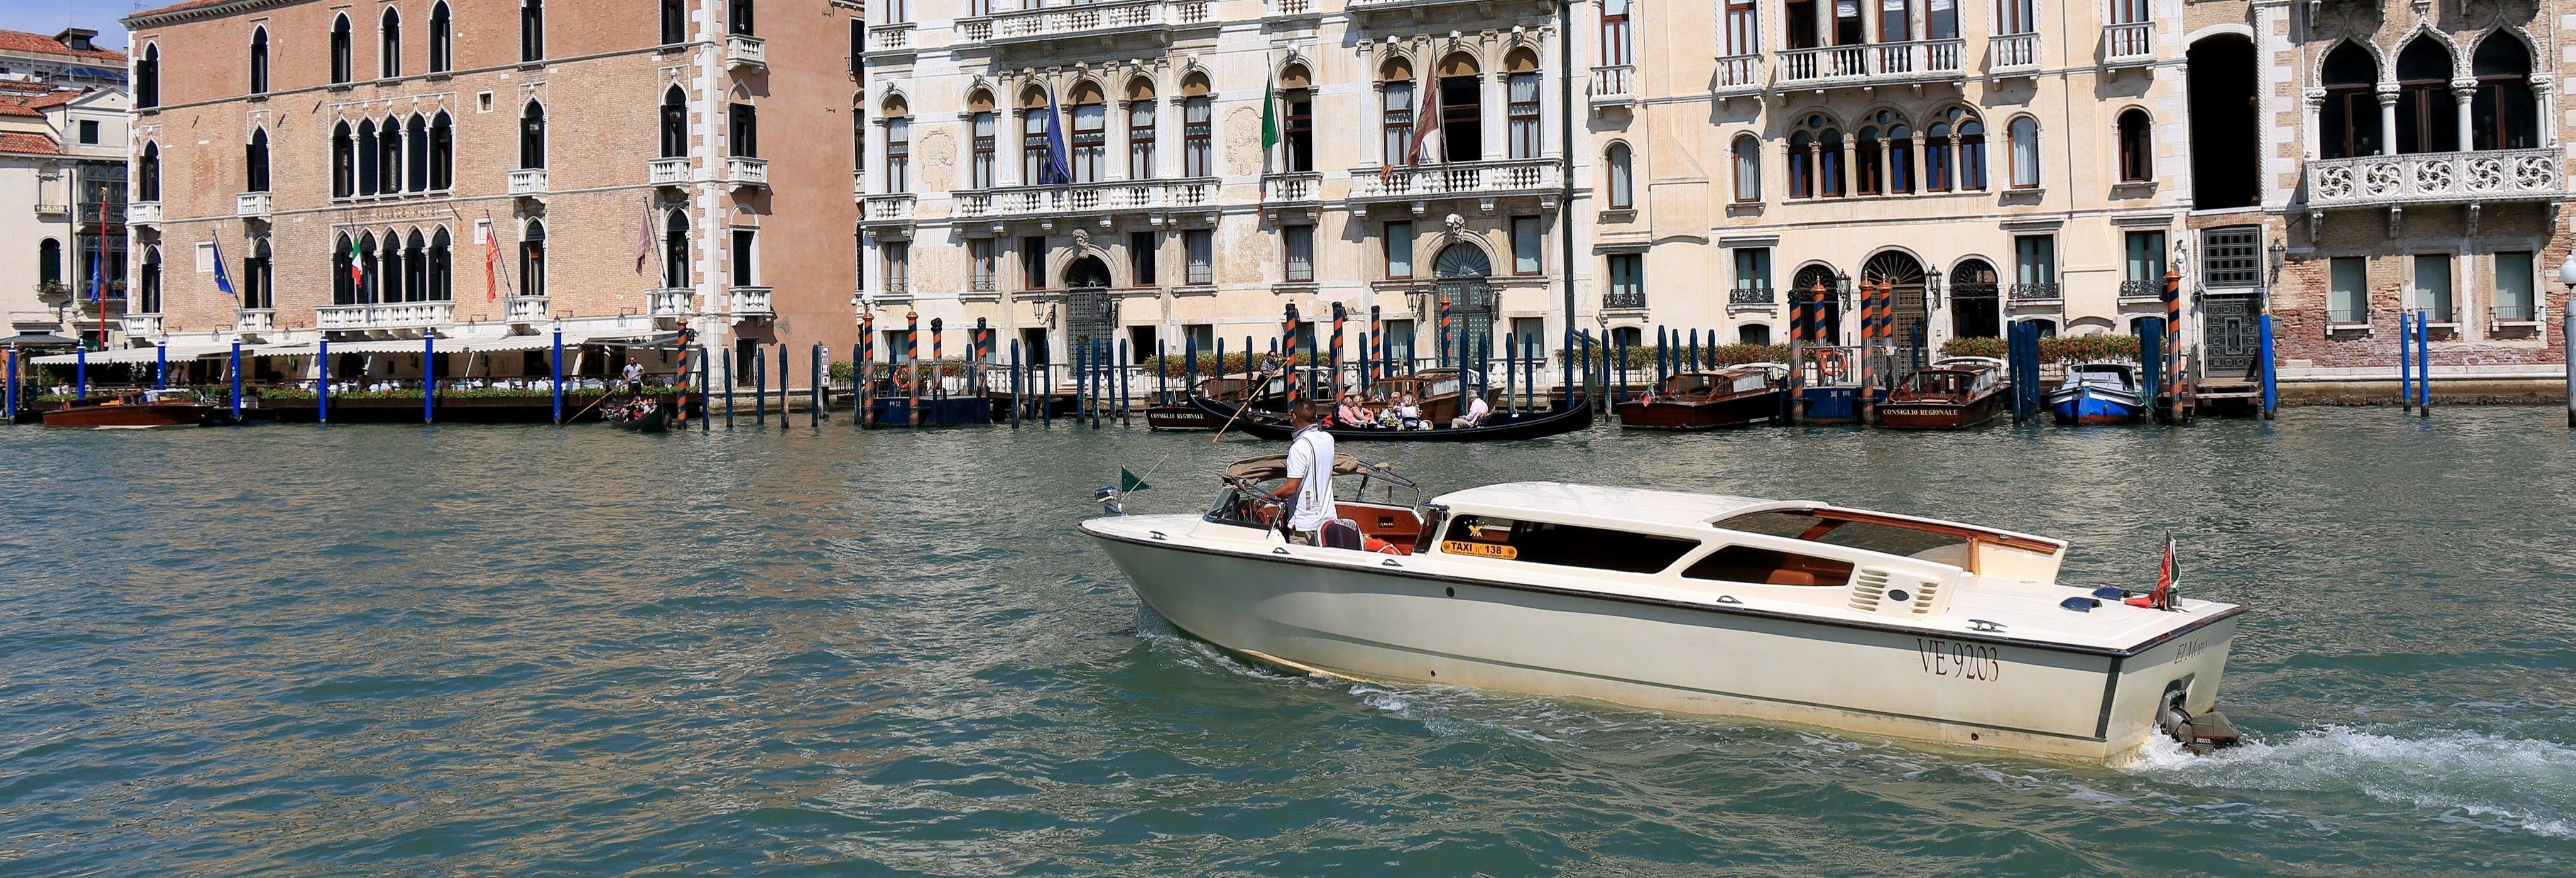 Trasporto in watertaxi tra l'aeroporto e Venezia